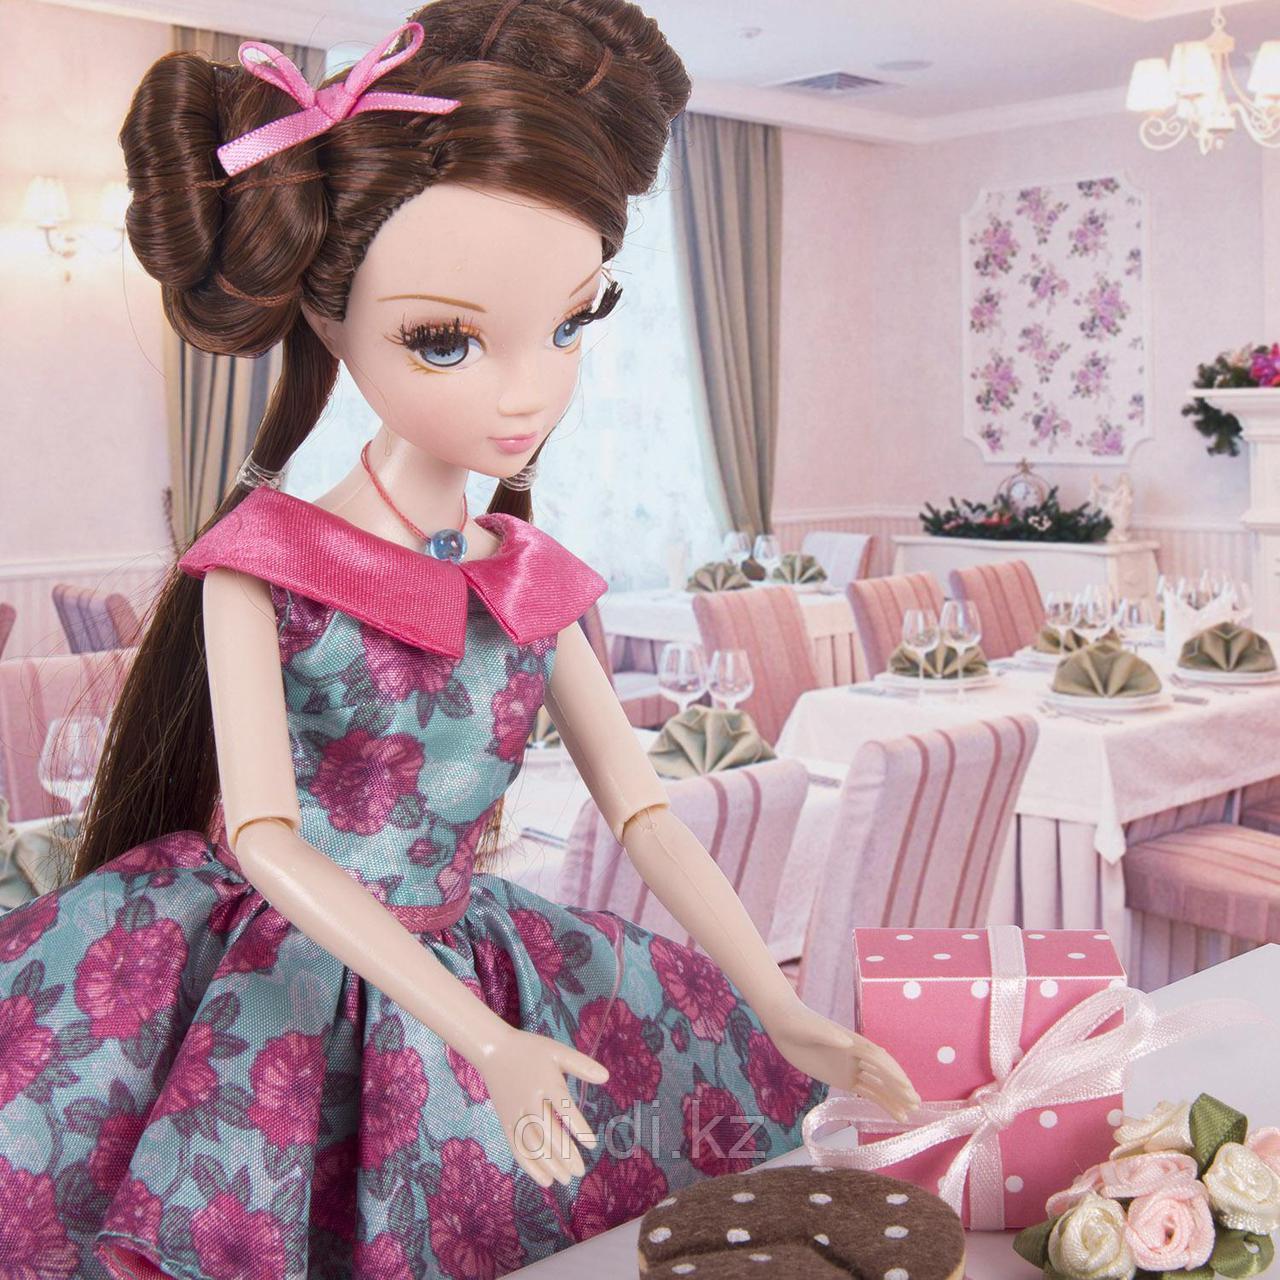 Кукла Sonya Rose серии Daily collection (Вечеринка - день рождения) - фото 5